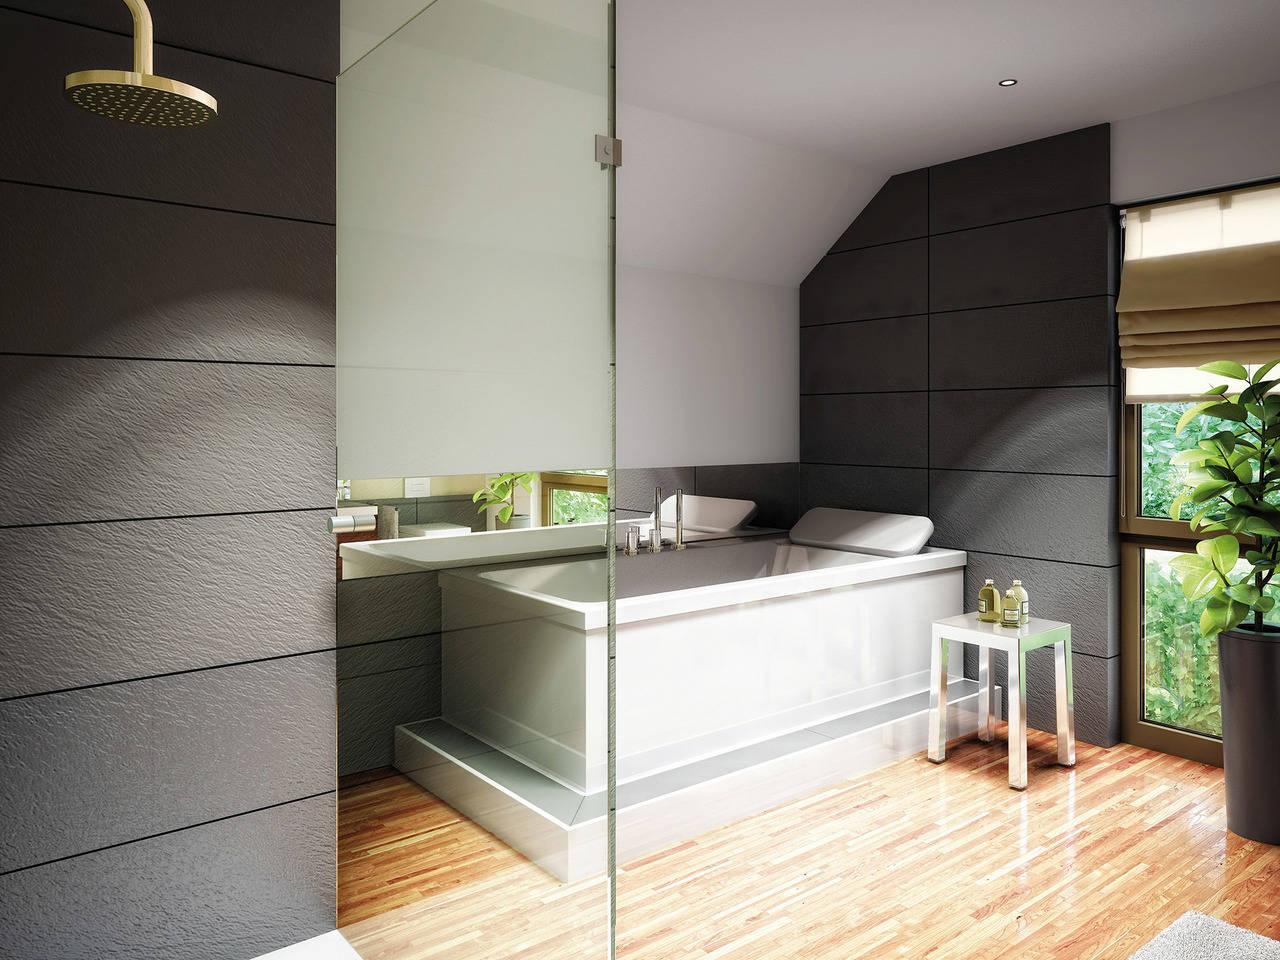 Haus SOLUTION 151 V6 Badezimmer von Living Haus